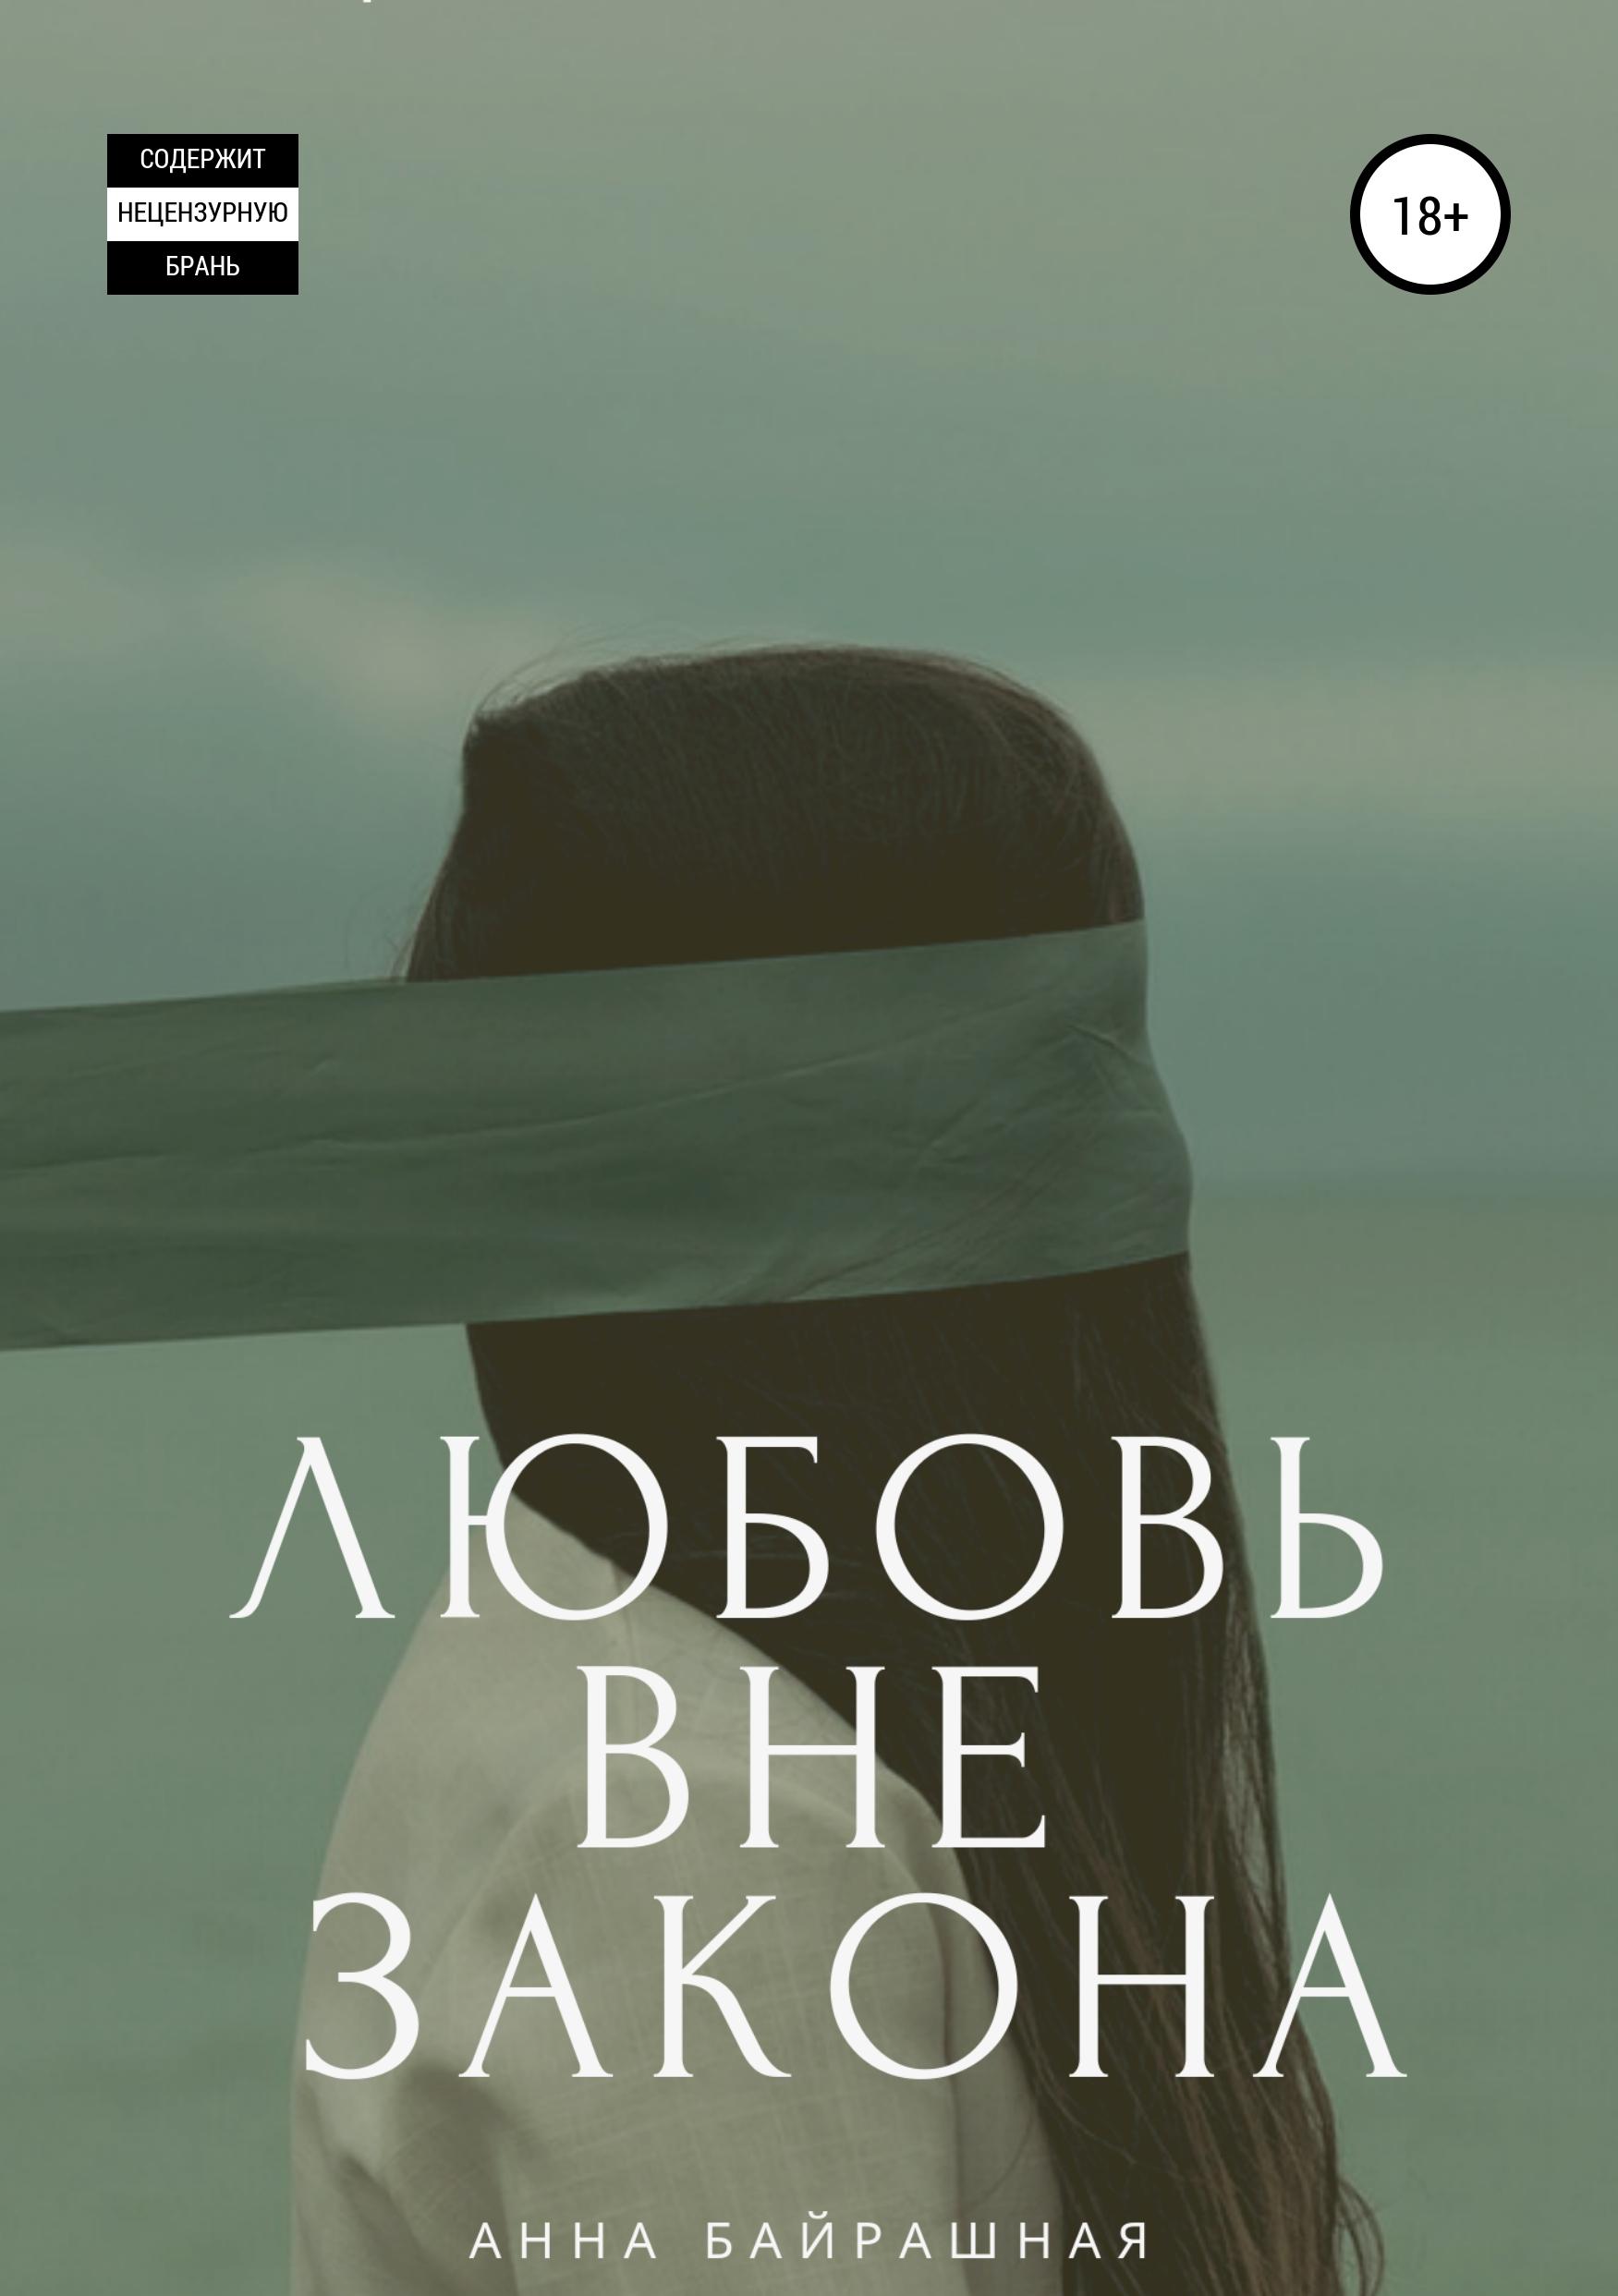 Анна Сергеевна Байрашная Любовь вне закона анна сергеевна байрашная стихи о жизни